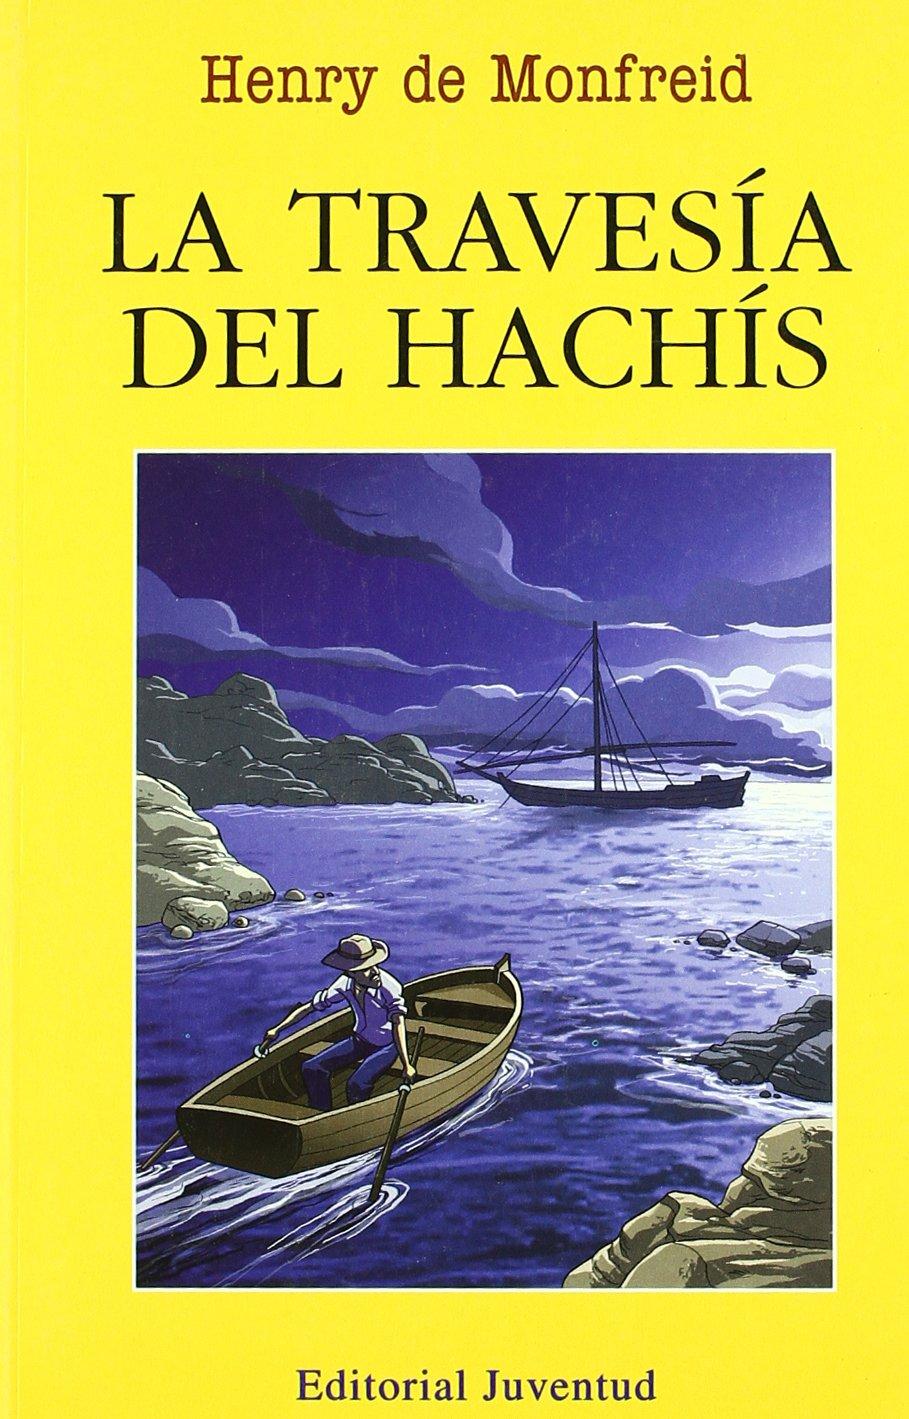 La travesia del Hachis (EN EL MAR Y LA MONTAÑA): Amazon.es: Monfreid: Libros